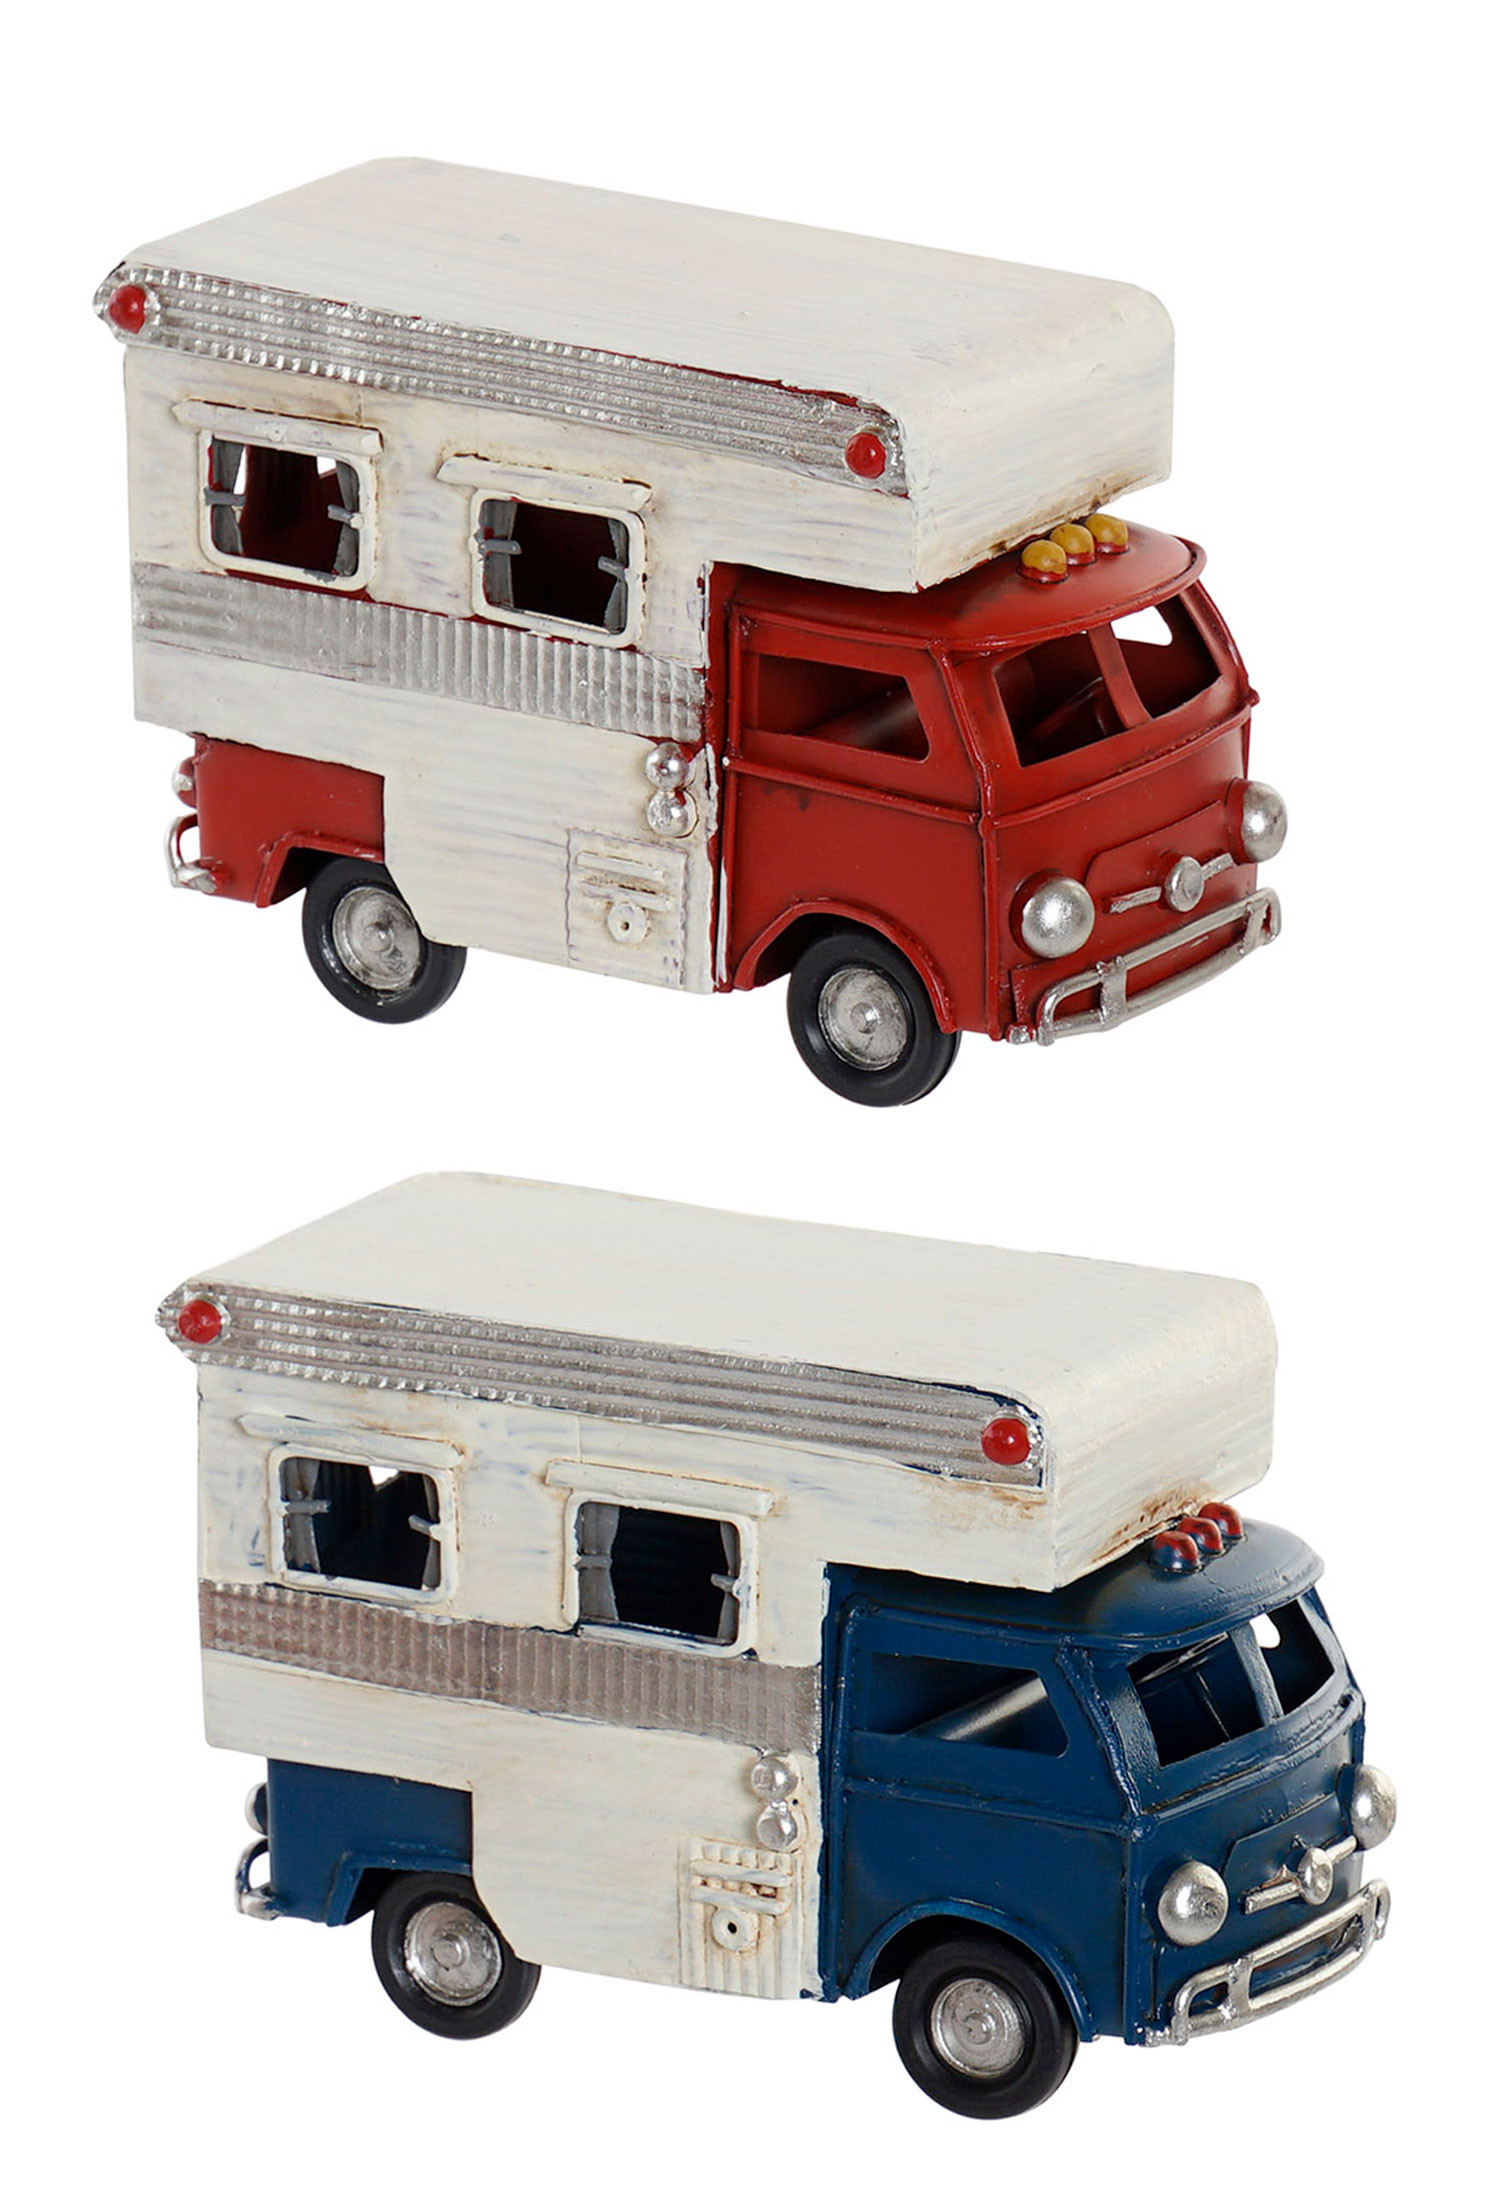 Autocaravana de Decoración Vintage Vehículo Metal 11,5x5x8